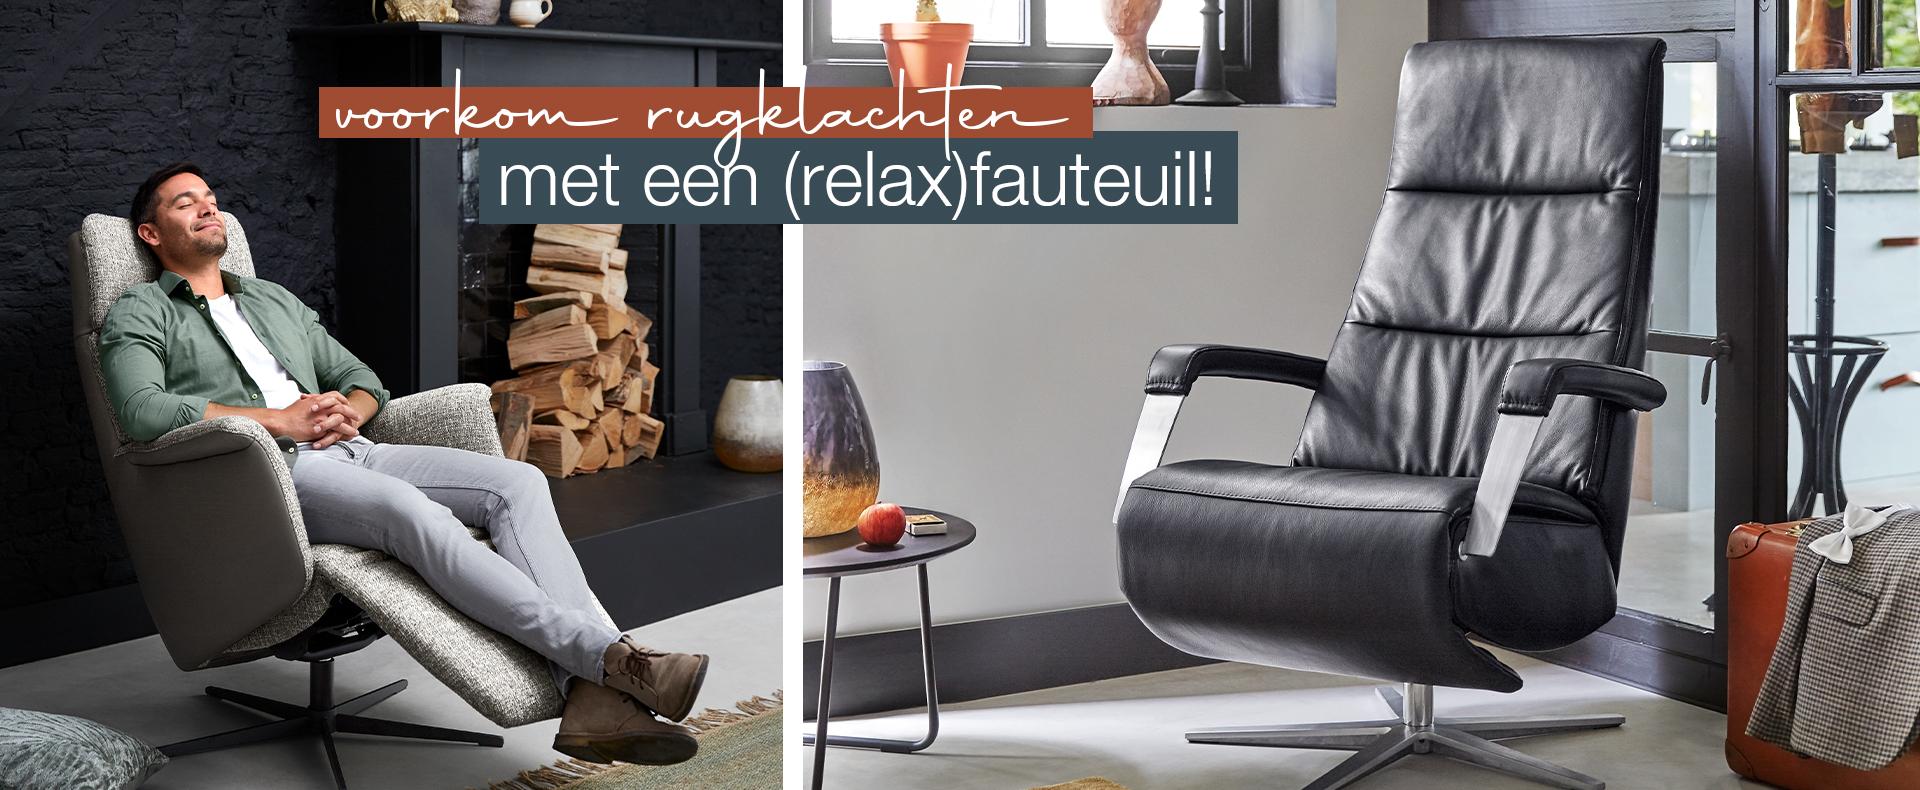 Voorkom rugklachten; Een (relax)fauteuil passend bij jouw wensen!